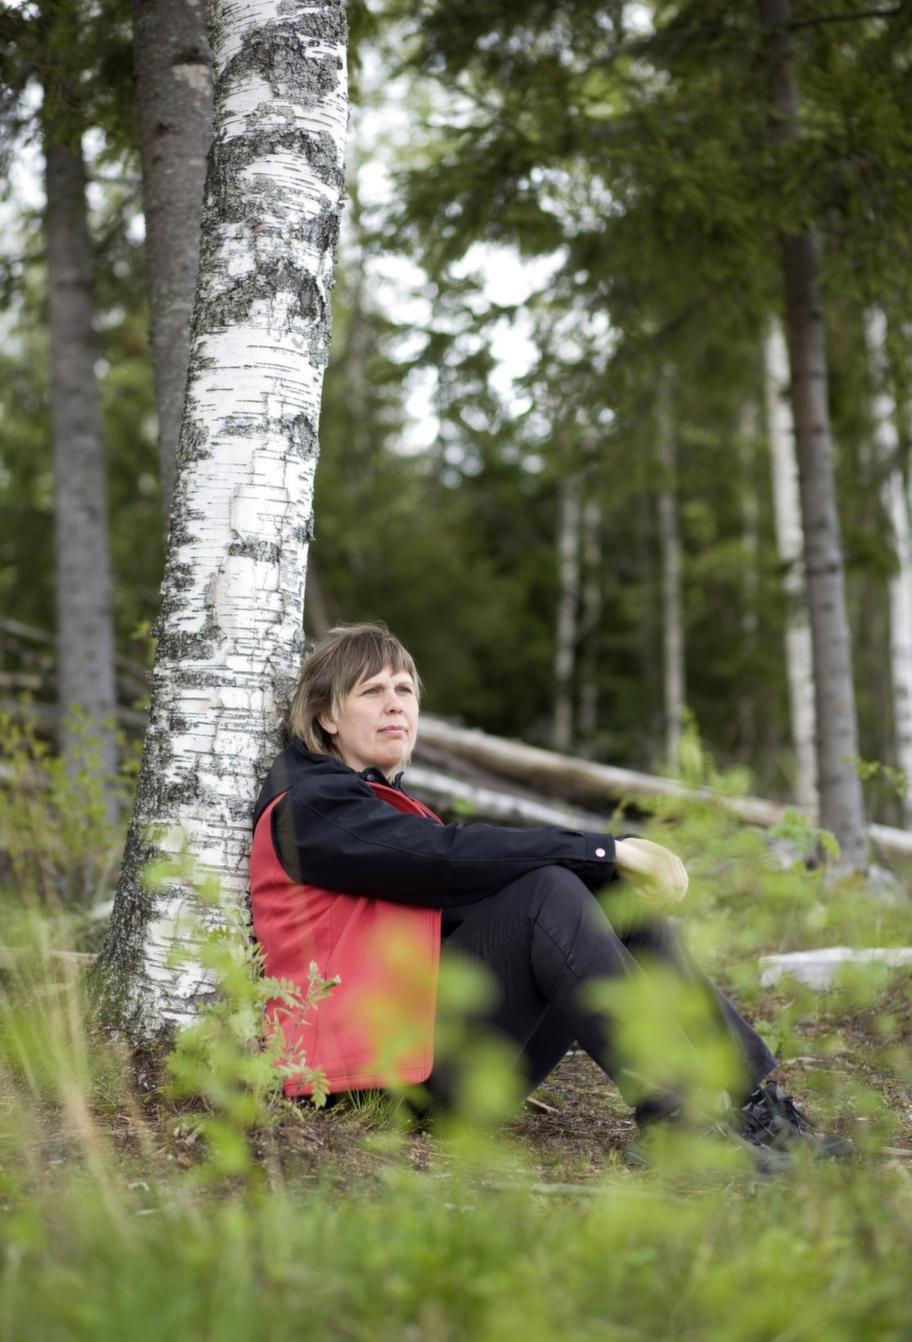 """Harmonisk i naturen. """"För mig är räddningen att sitta ute i naturen varje dag. Där blir jag avslappnad och kan återhämta mig"""", säger Ulrica Sundqvist."""